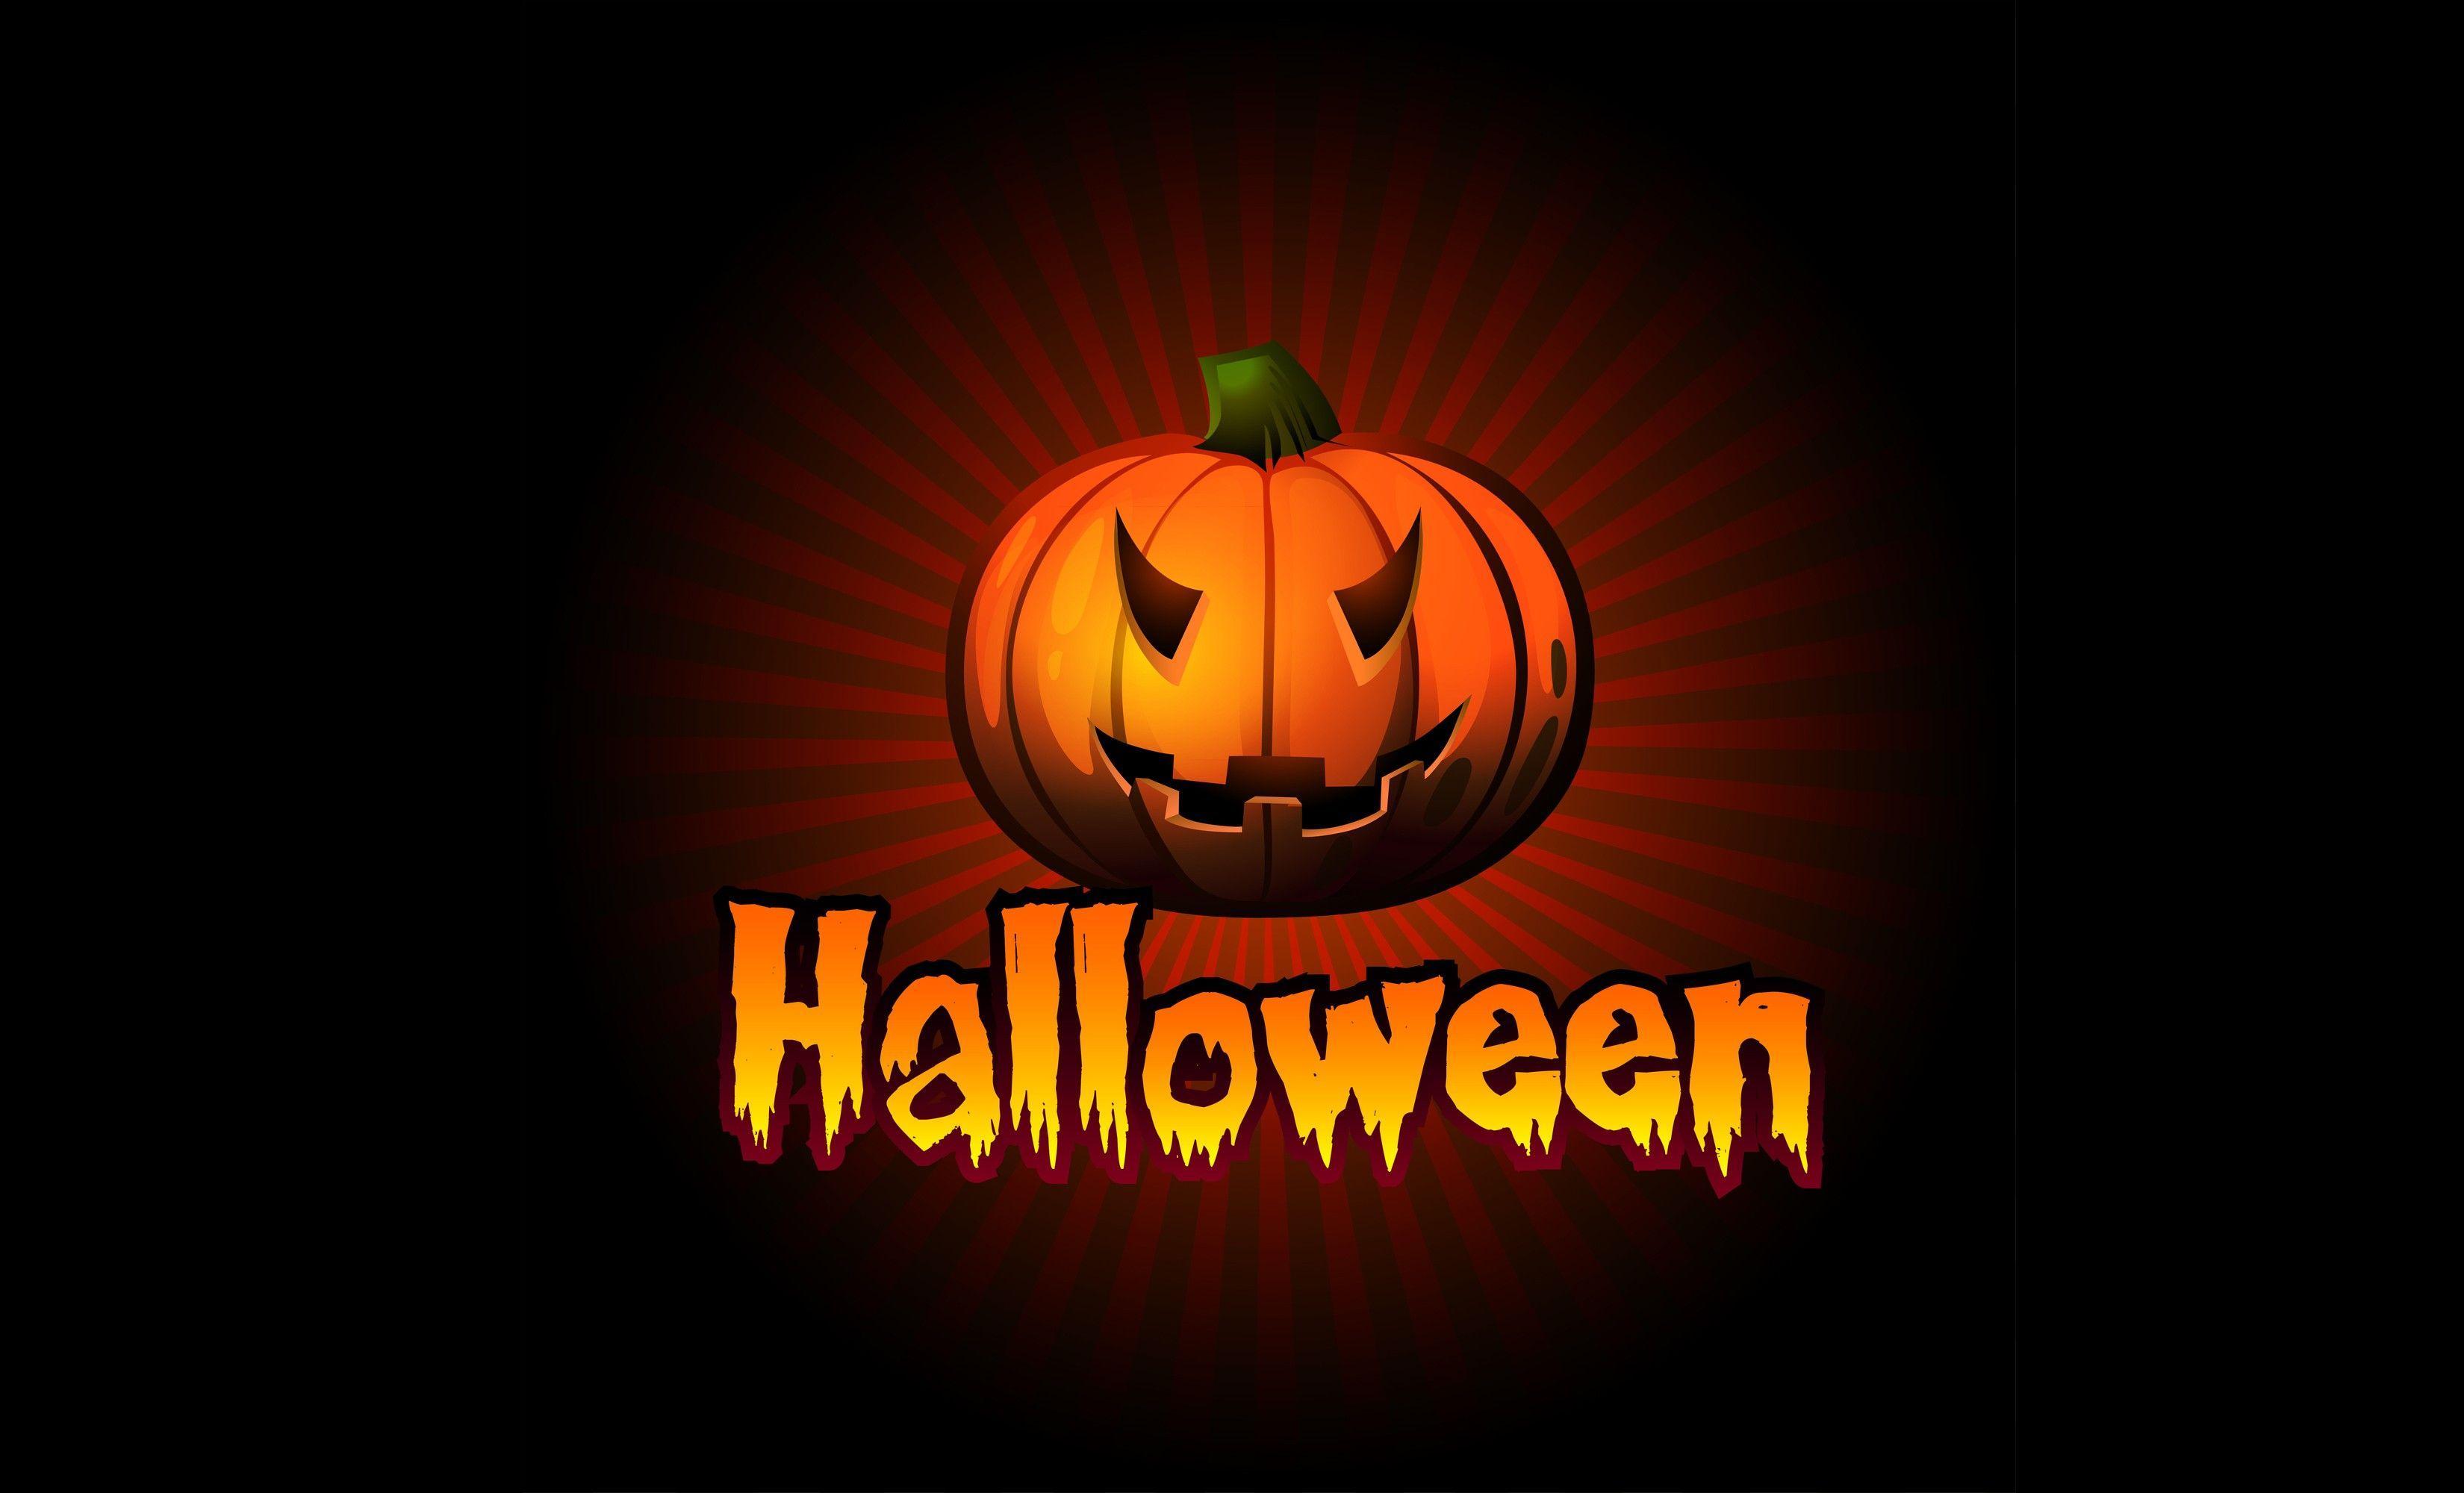 Happy Halloween Pumpkin Wallpapers Top Free Happy Halloween Pumpkin Backgrounds Wallpaperaccess